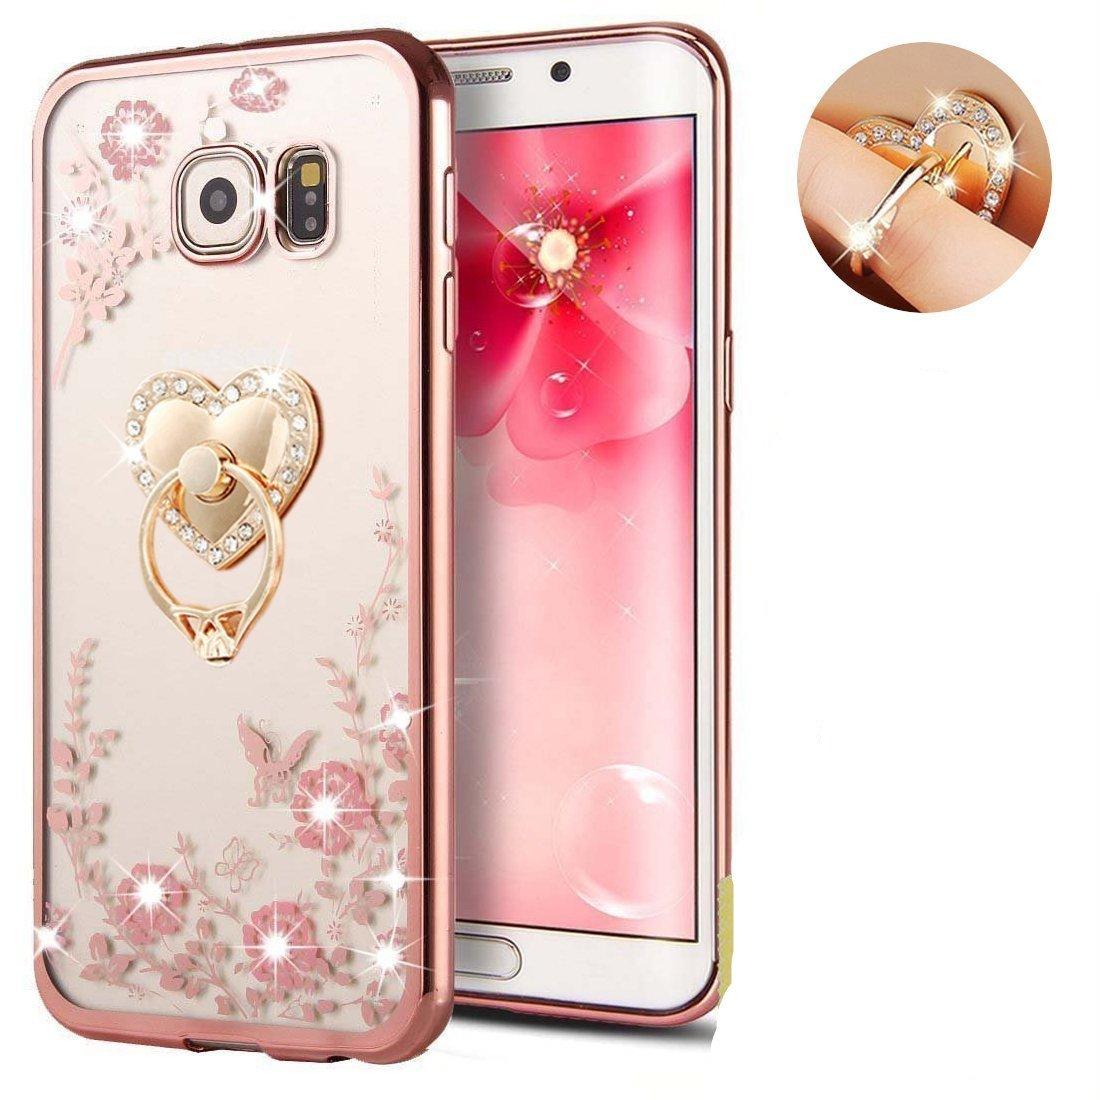 Samsung s8フローラルクリスタルTpu case-auroraloveソフトスリムBlingゴムバンパーカバーfor Samsung Galaxy s8 withラインストーンダイヤモンドガールズレディース bling flower tpu case B071YBFJ2C Rose Gold+Pink with ring stand Rose Gold+Pink with ring stand